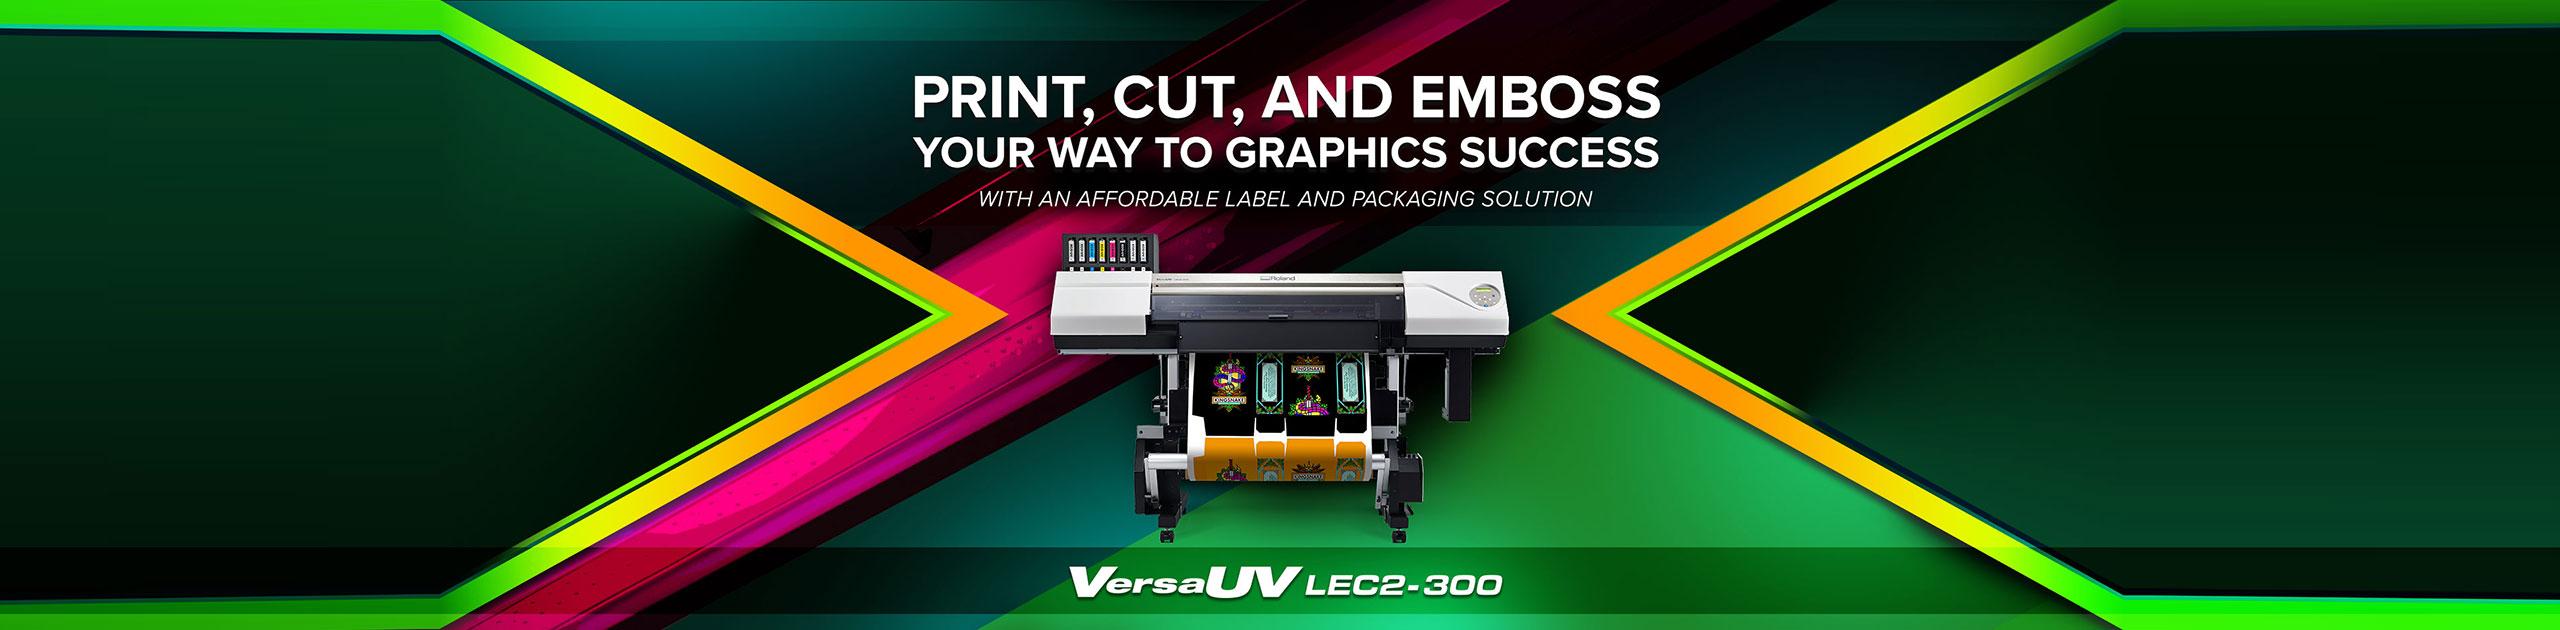 VersaUV LEC-300